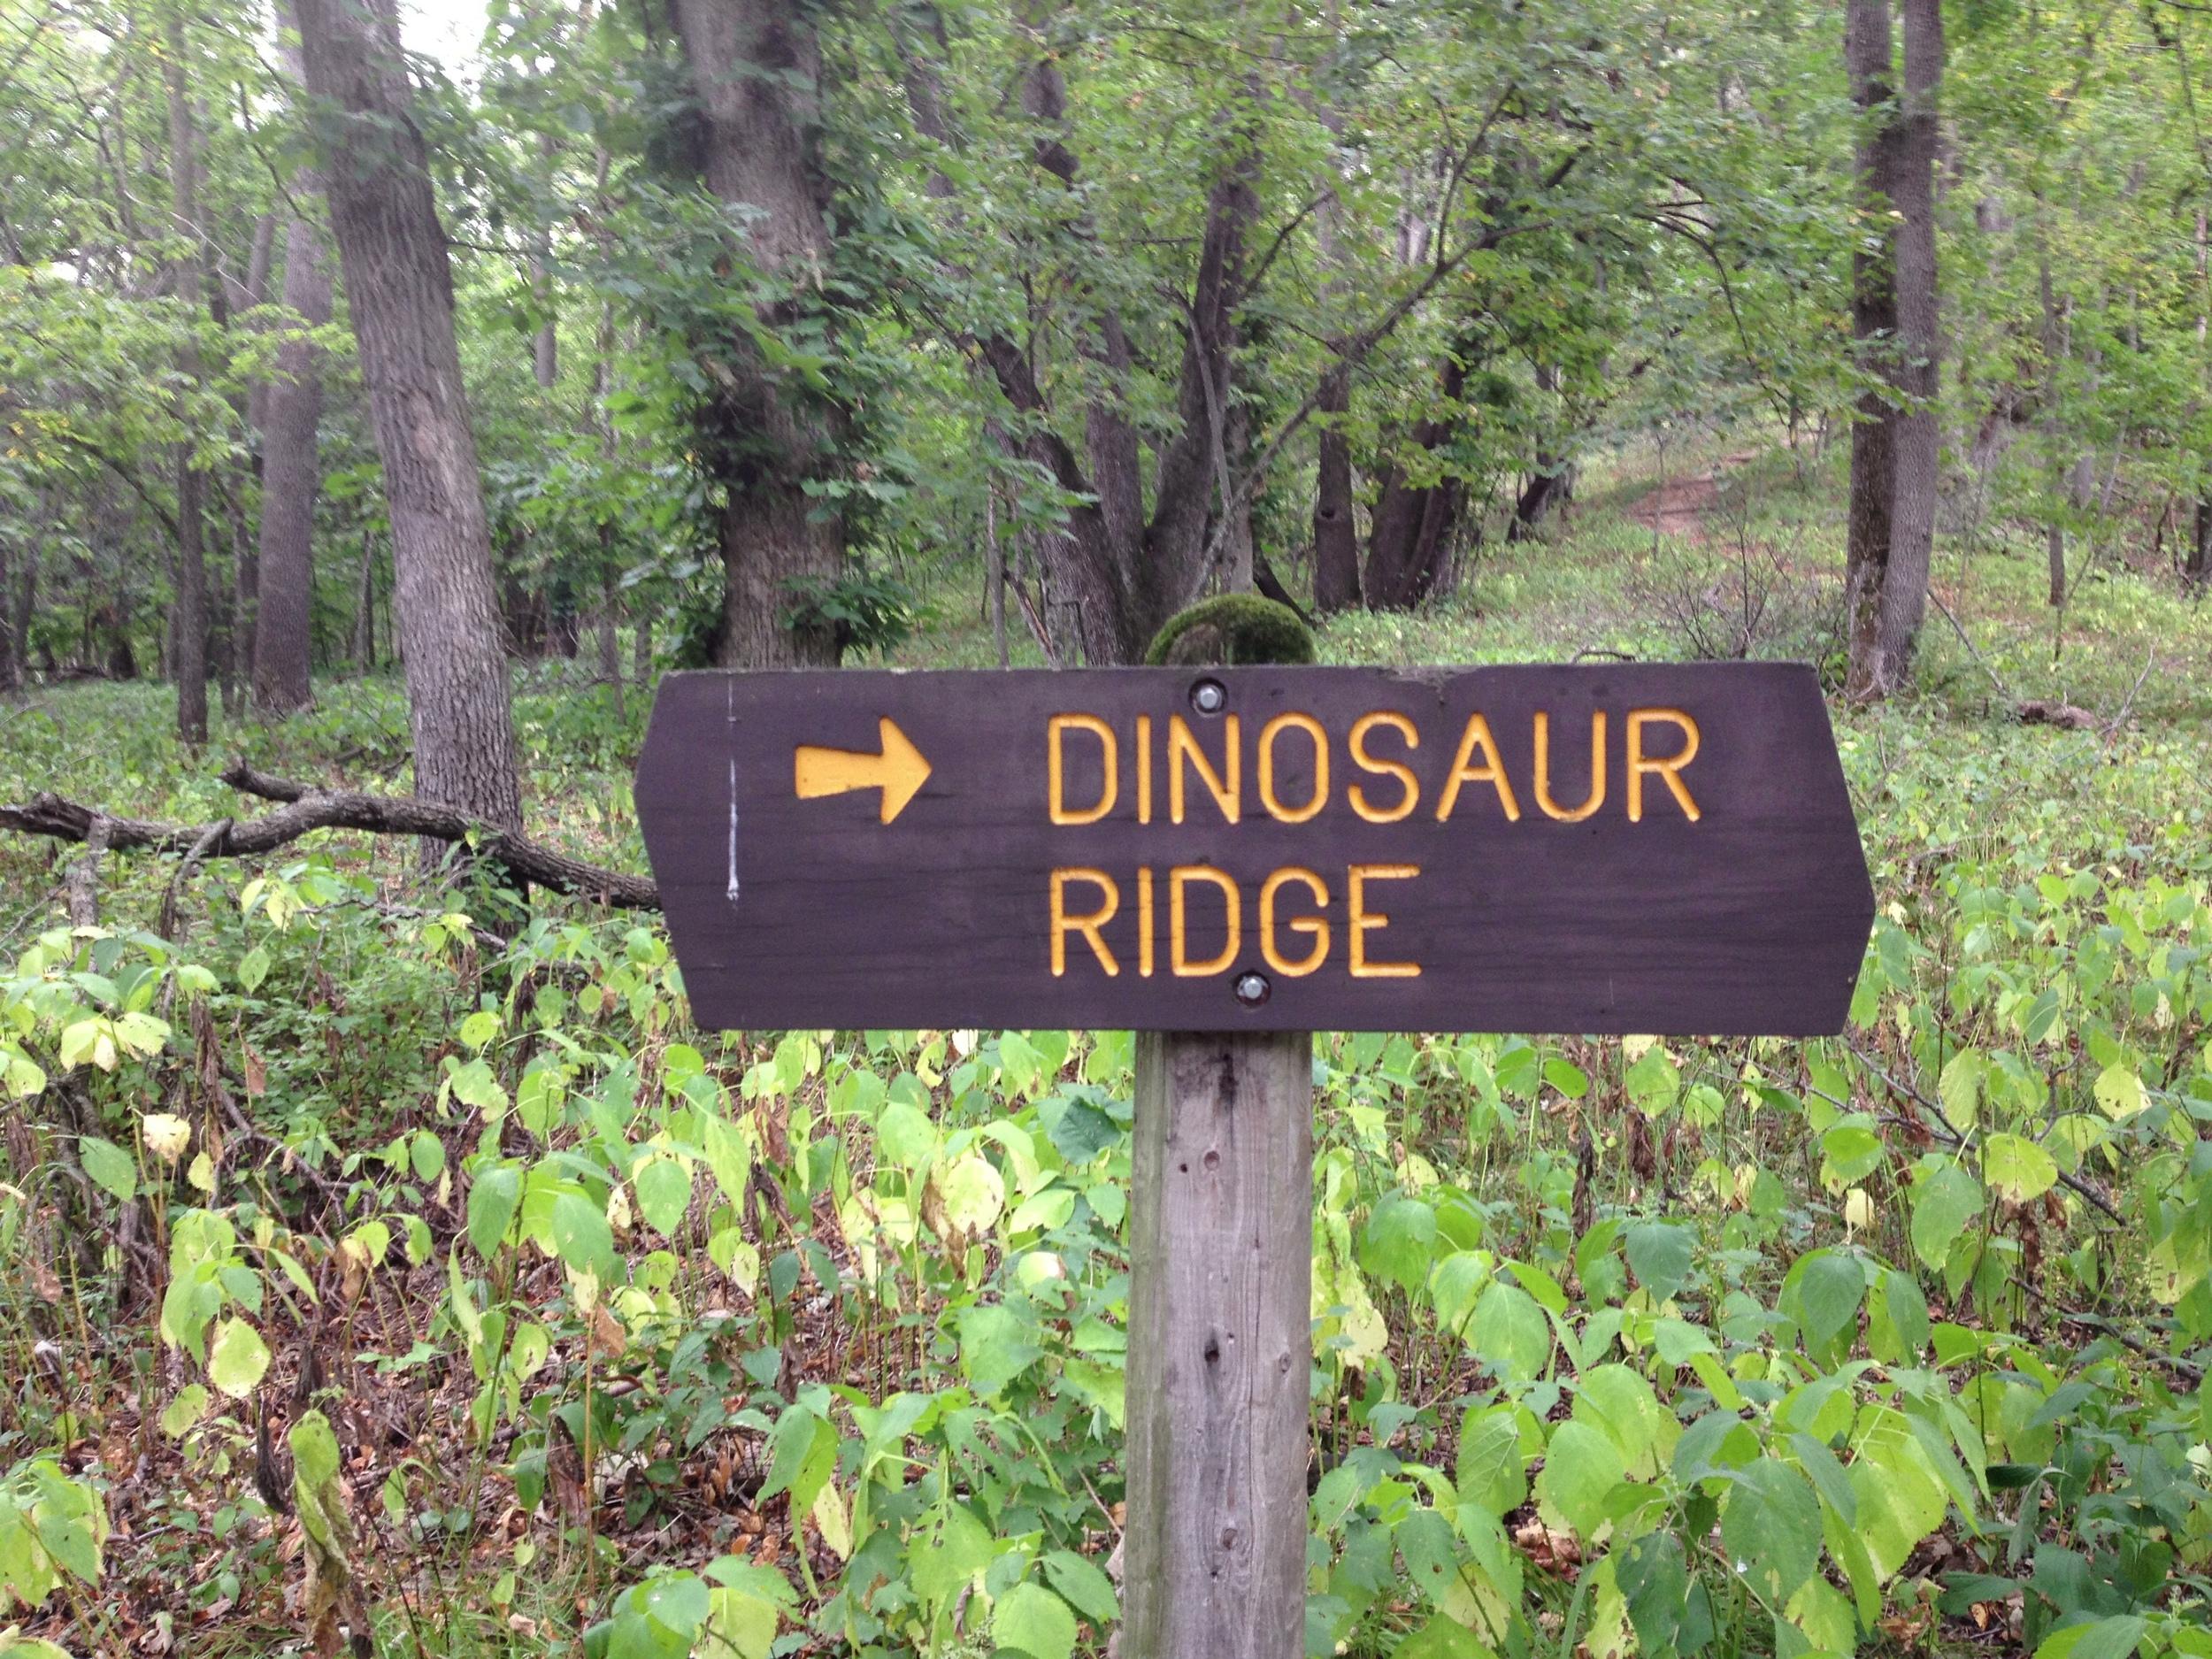 Dinosaur Ridge at Kilen Woods State Park